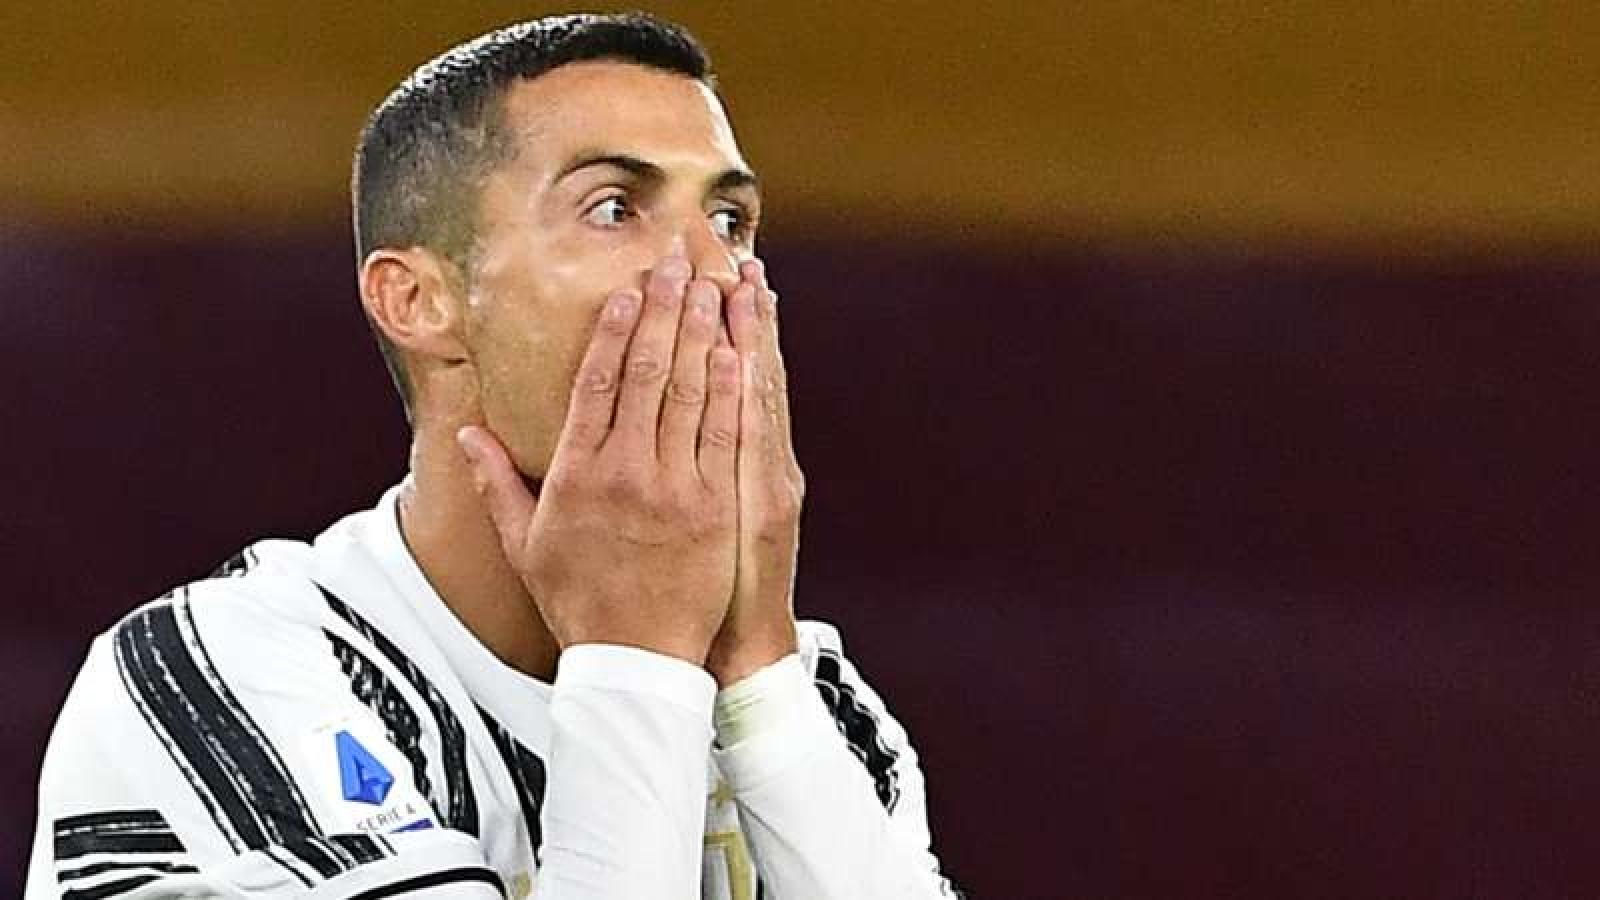 Chưa khỏi Covid-19, Ronaldo vẫn không từ bỏ cơ hội đấu Messi